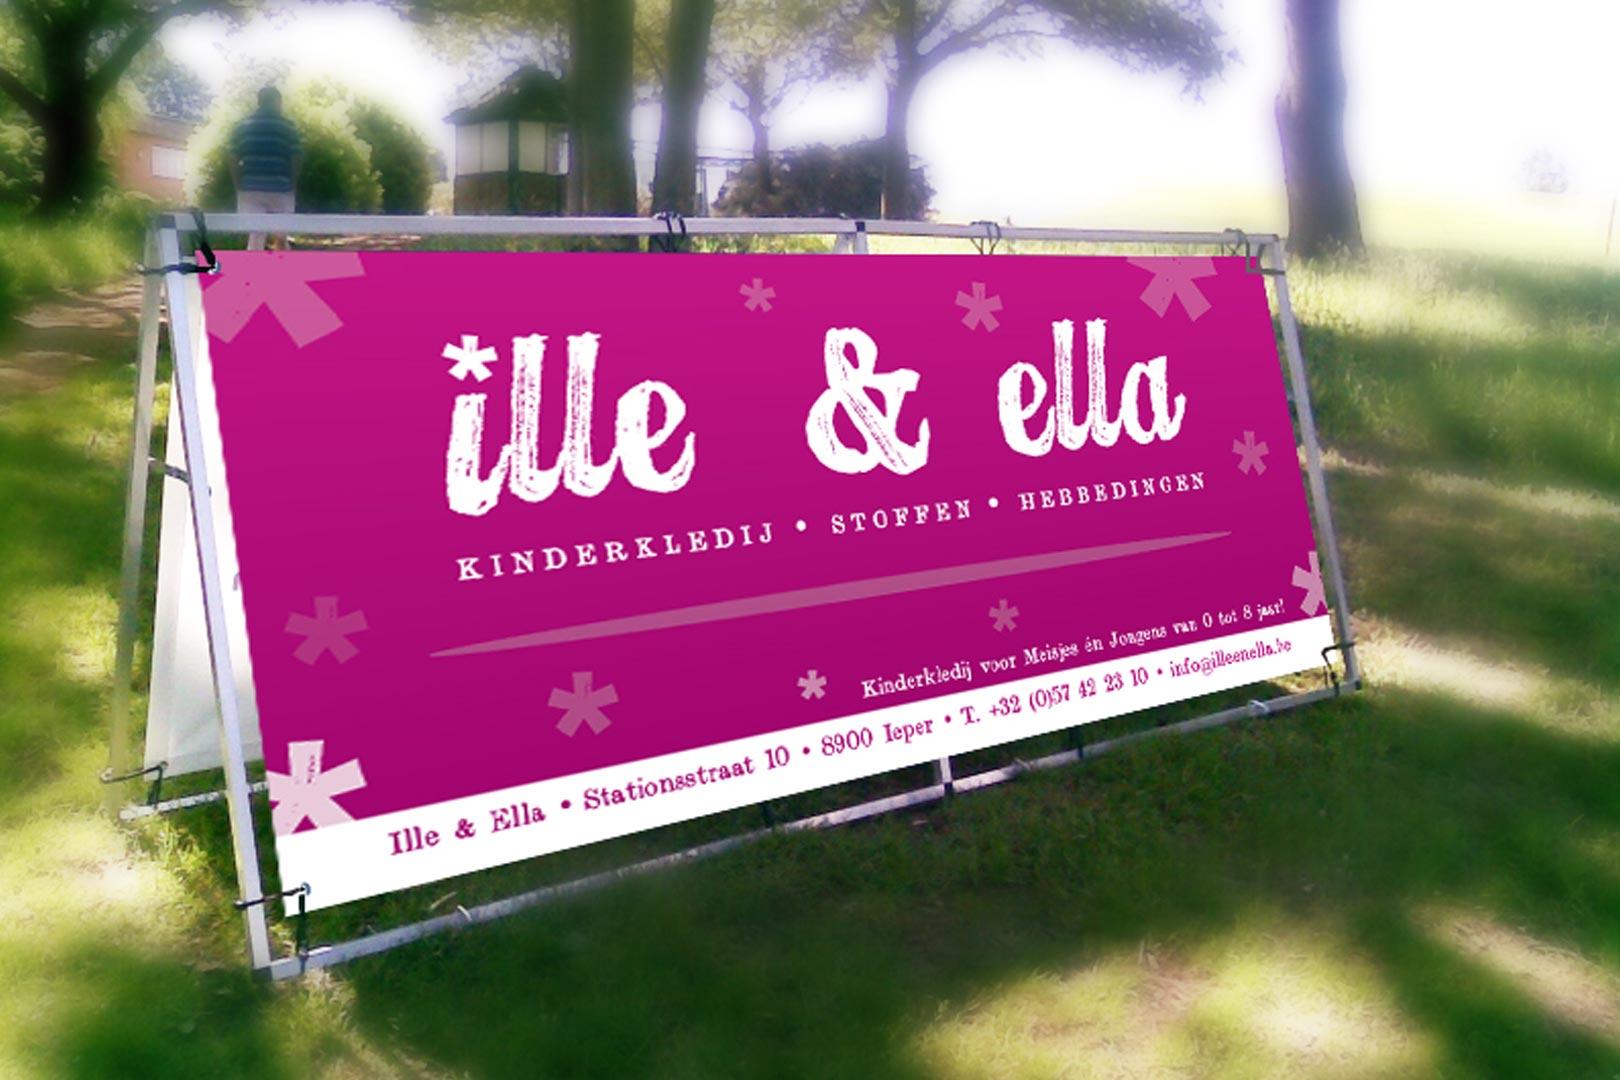 illeenella-banner